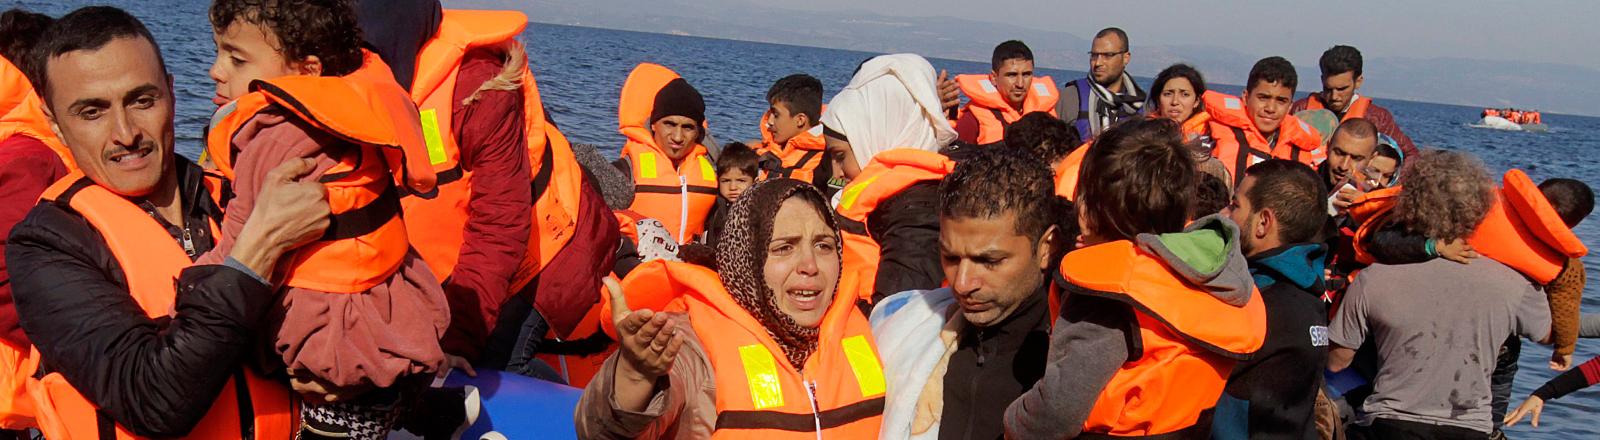 Am 16.11. landen Flüchtlinge in einem Boot auf der griechischen Insel Lesbos.